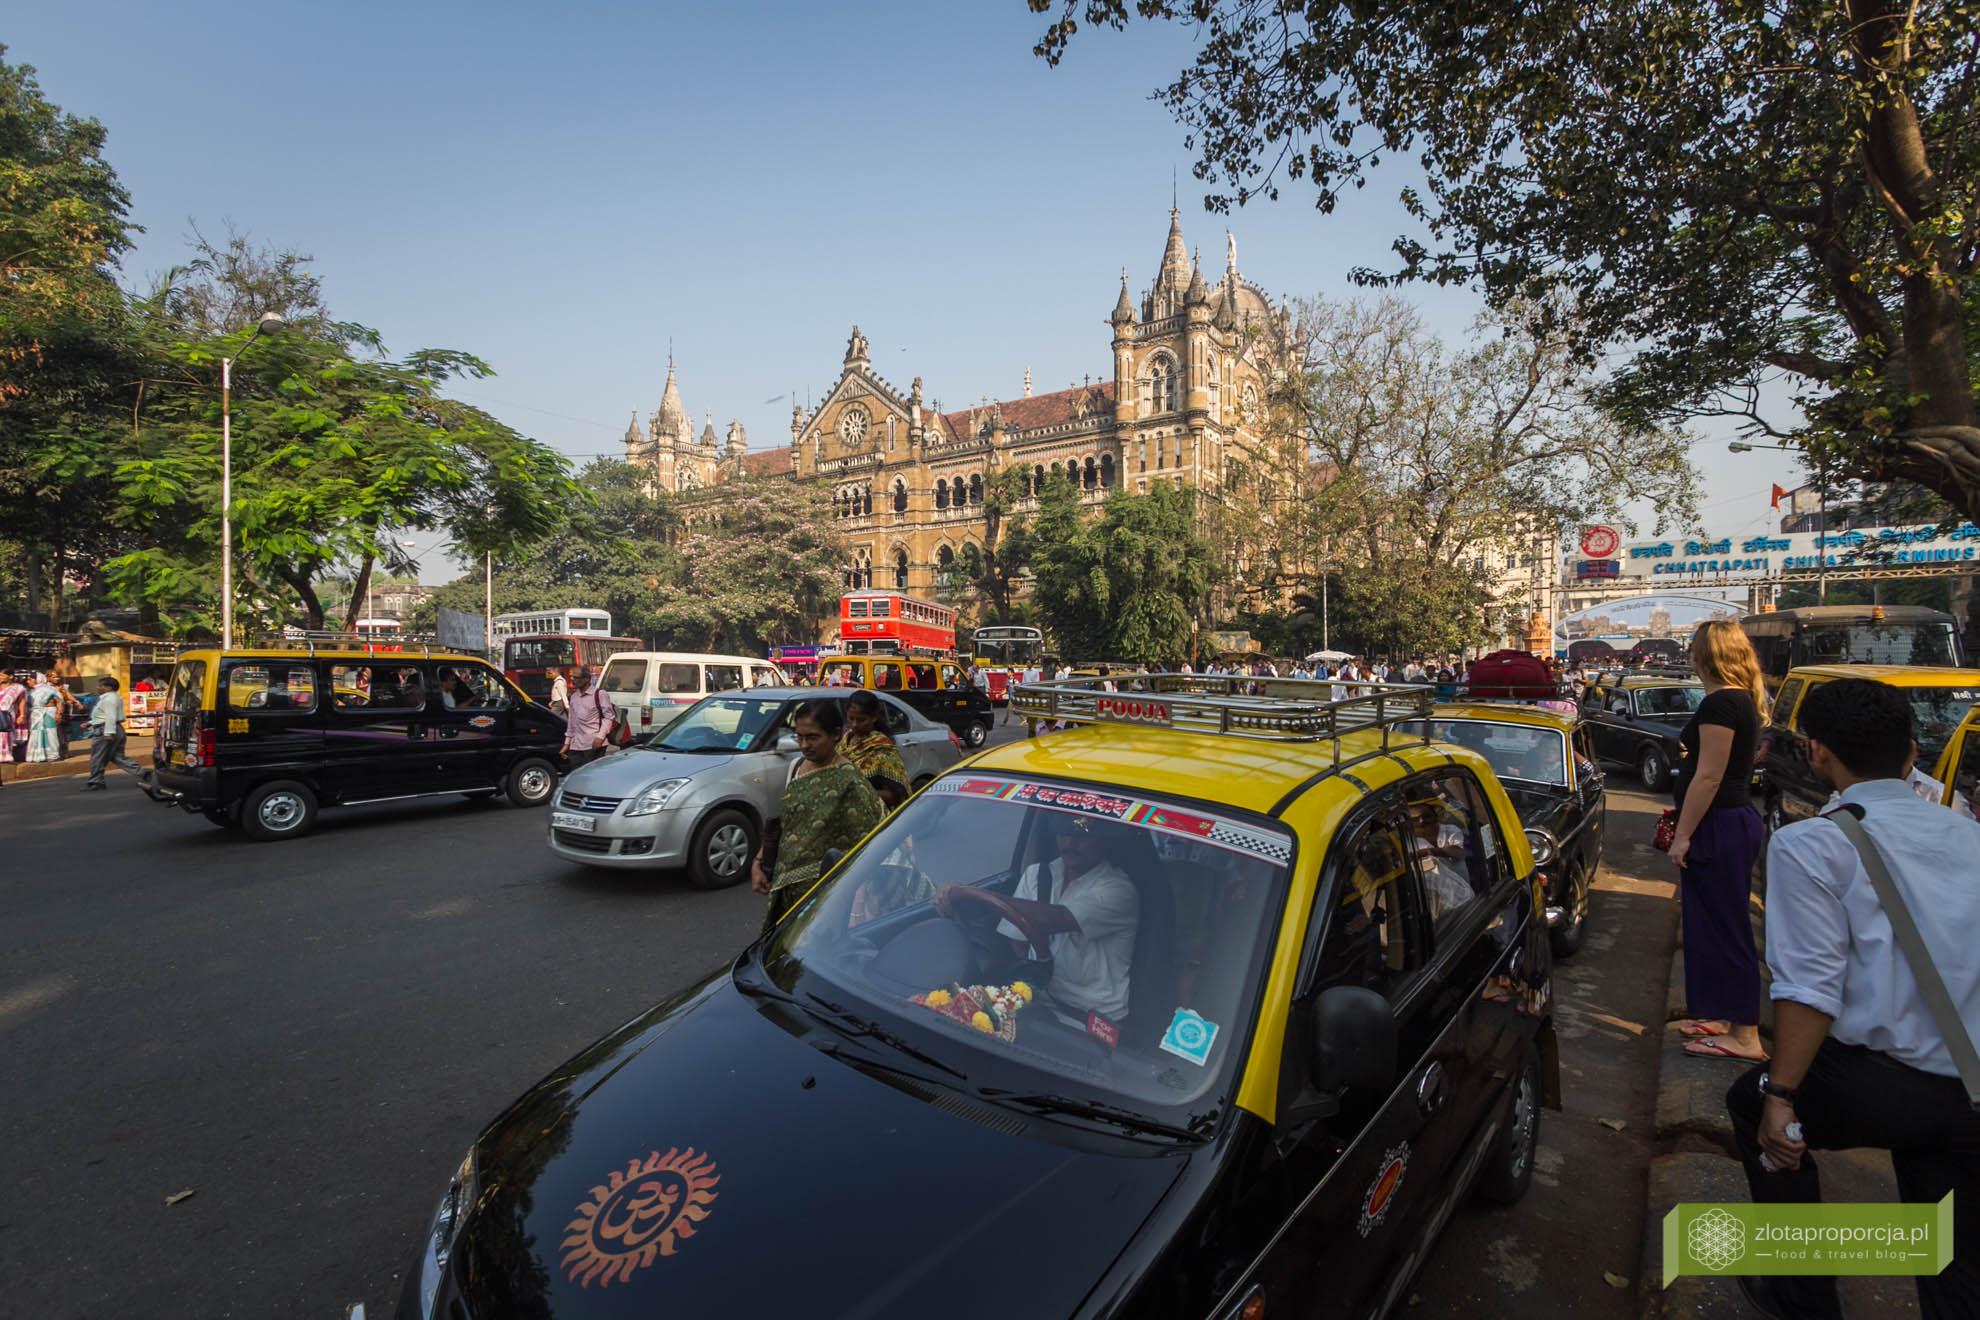 Victoria Station, dworzec Mumbaj, Mumbaj, Indie, Bombaj; Mumbaj zabytki, Mumbaj zwiedzanie; życie w Mumbaju, na ulicy w Mumbaju